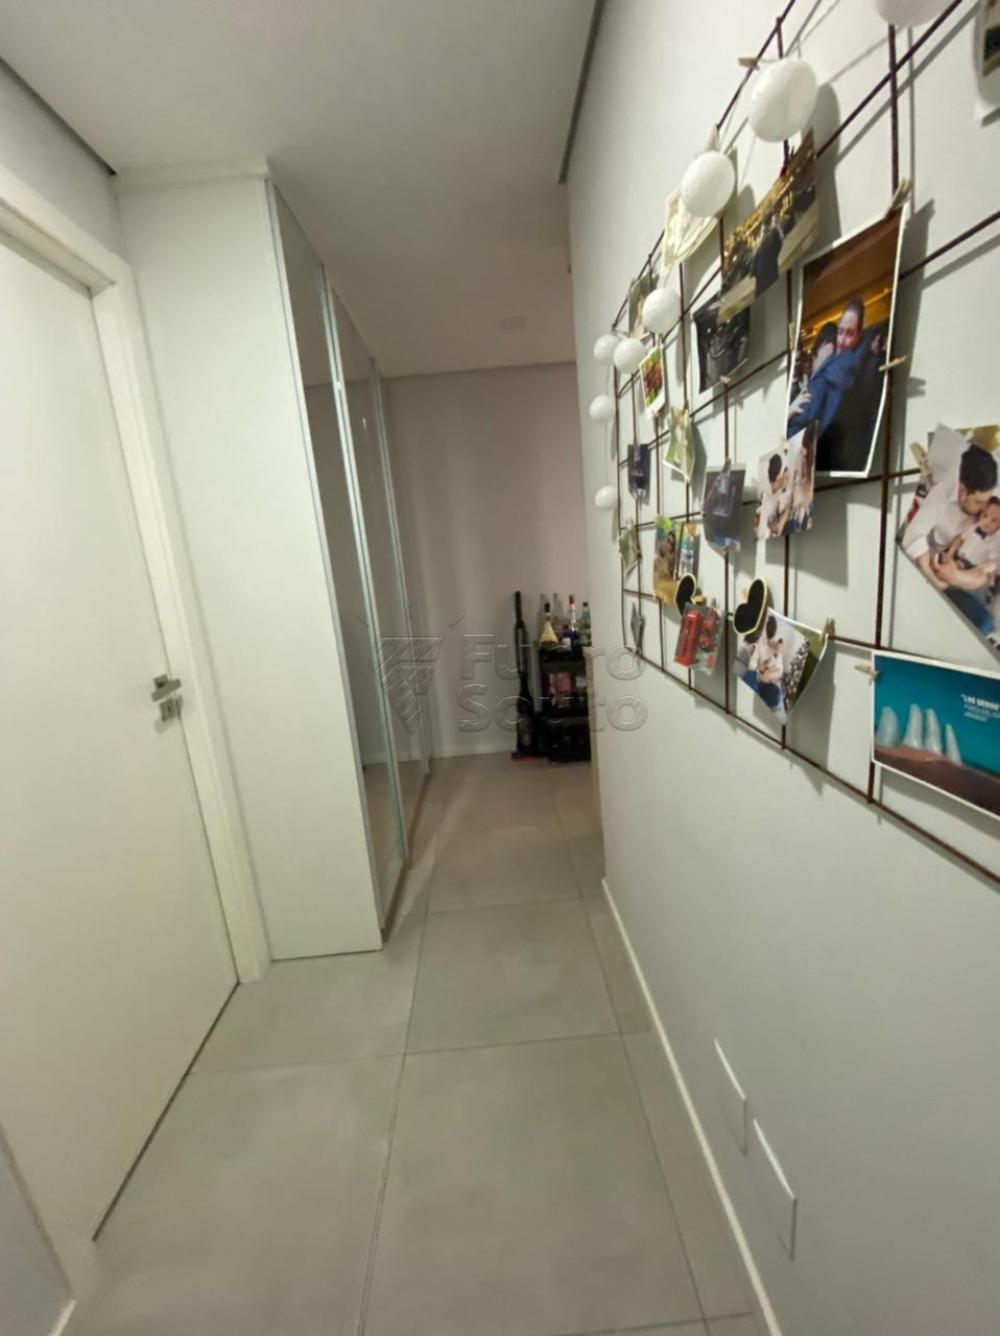 Comprar Apartamento / Padrão em Pelotas R$ 477.000,00 - Foto 8